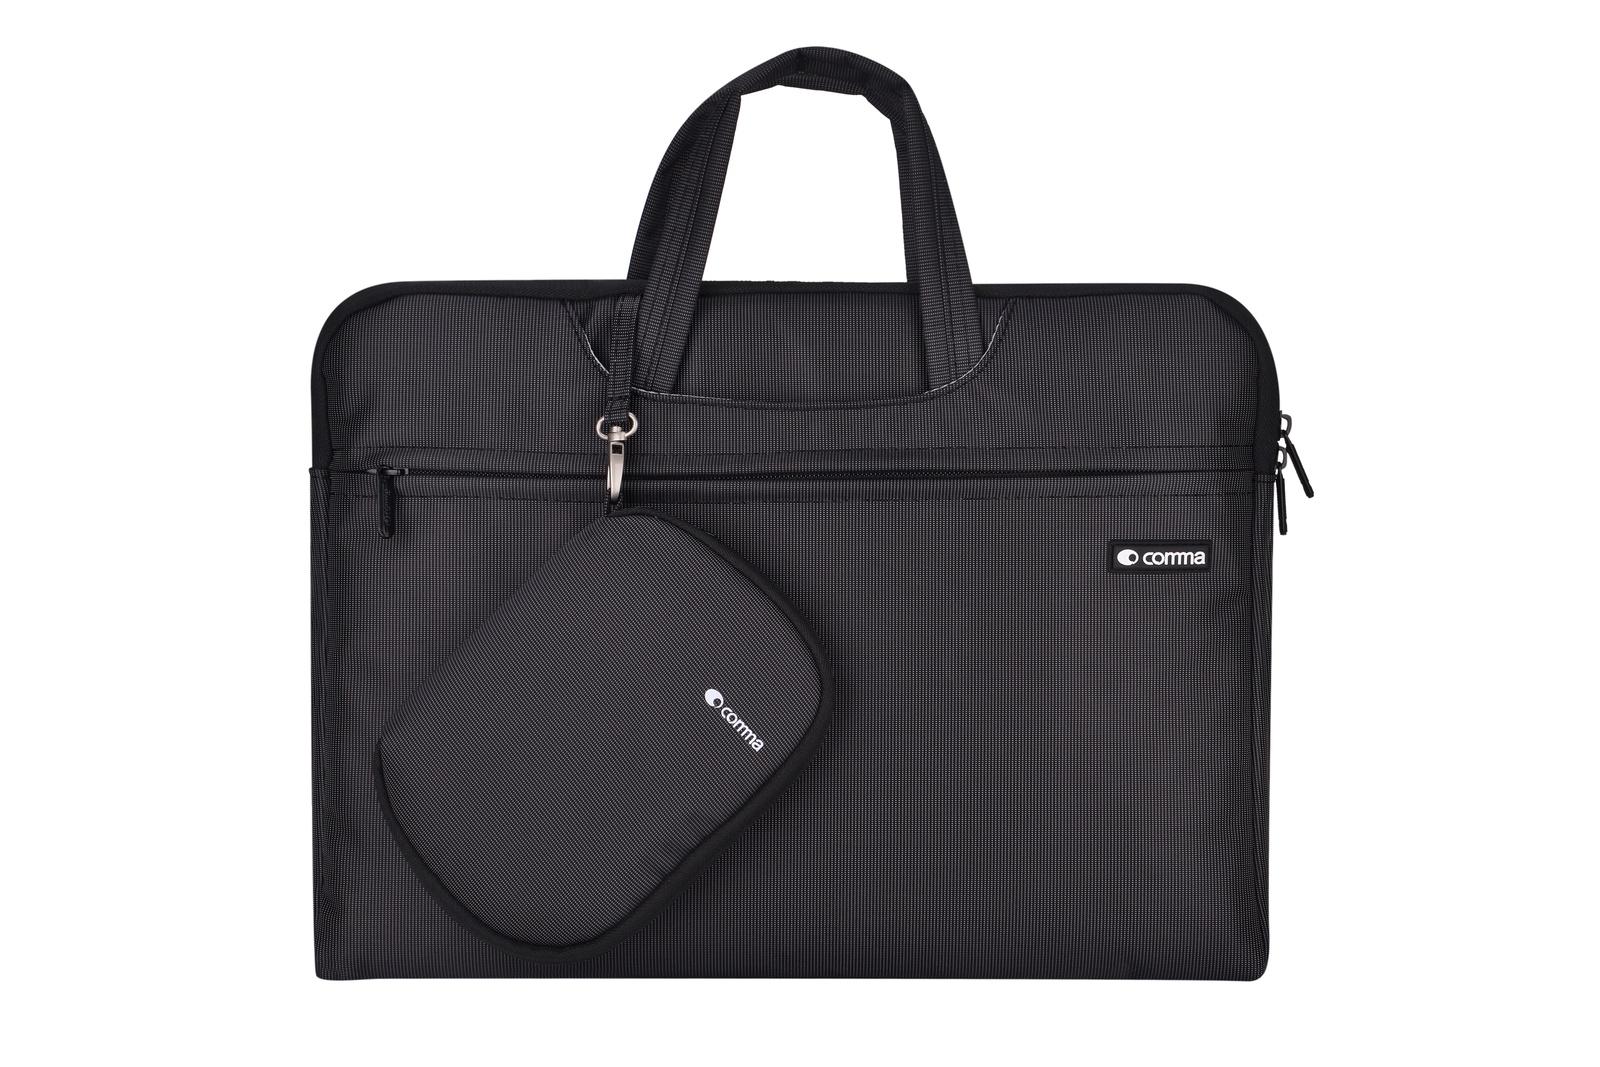 Сумка для ноутбука Comma Dexter Laptop Bag универсальная на 13,3 дюймов + коврик для мышки, черный ноутбуки 17 дюймовые